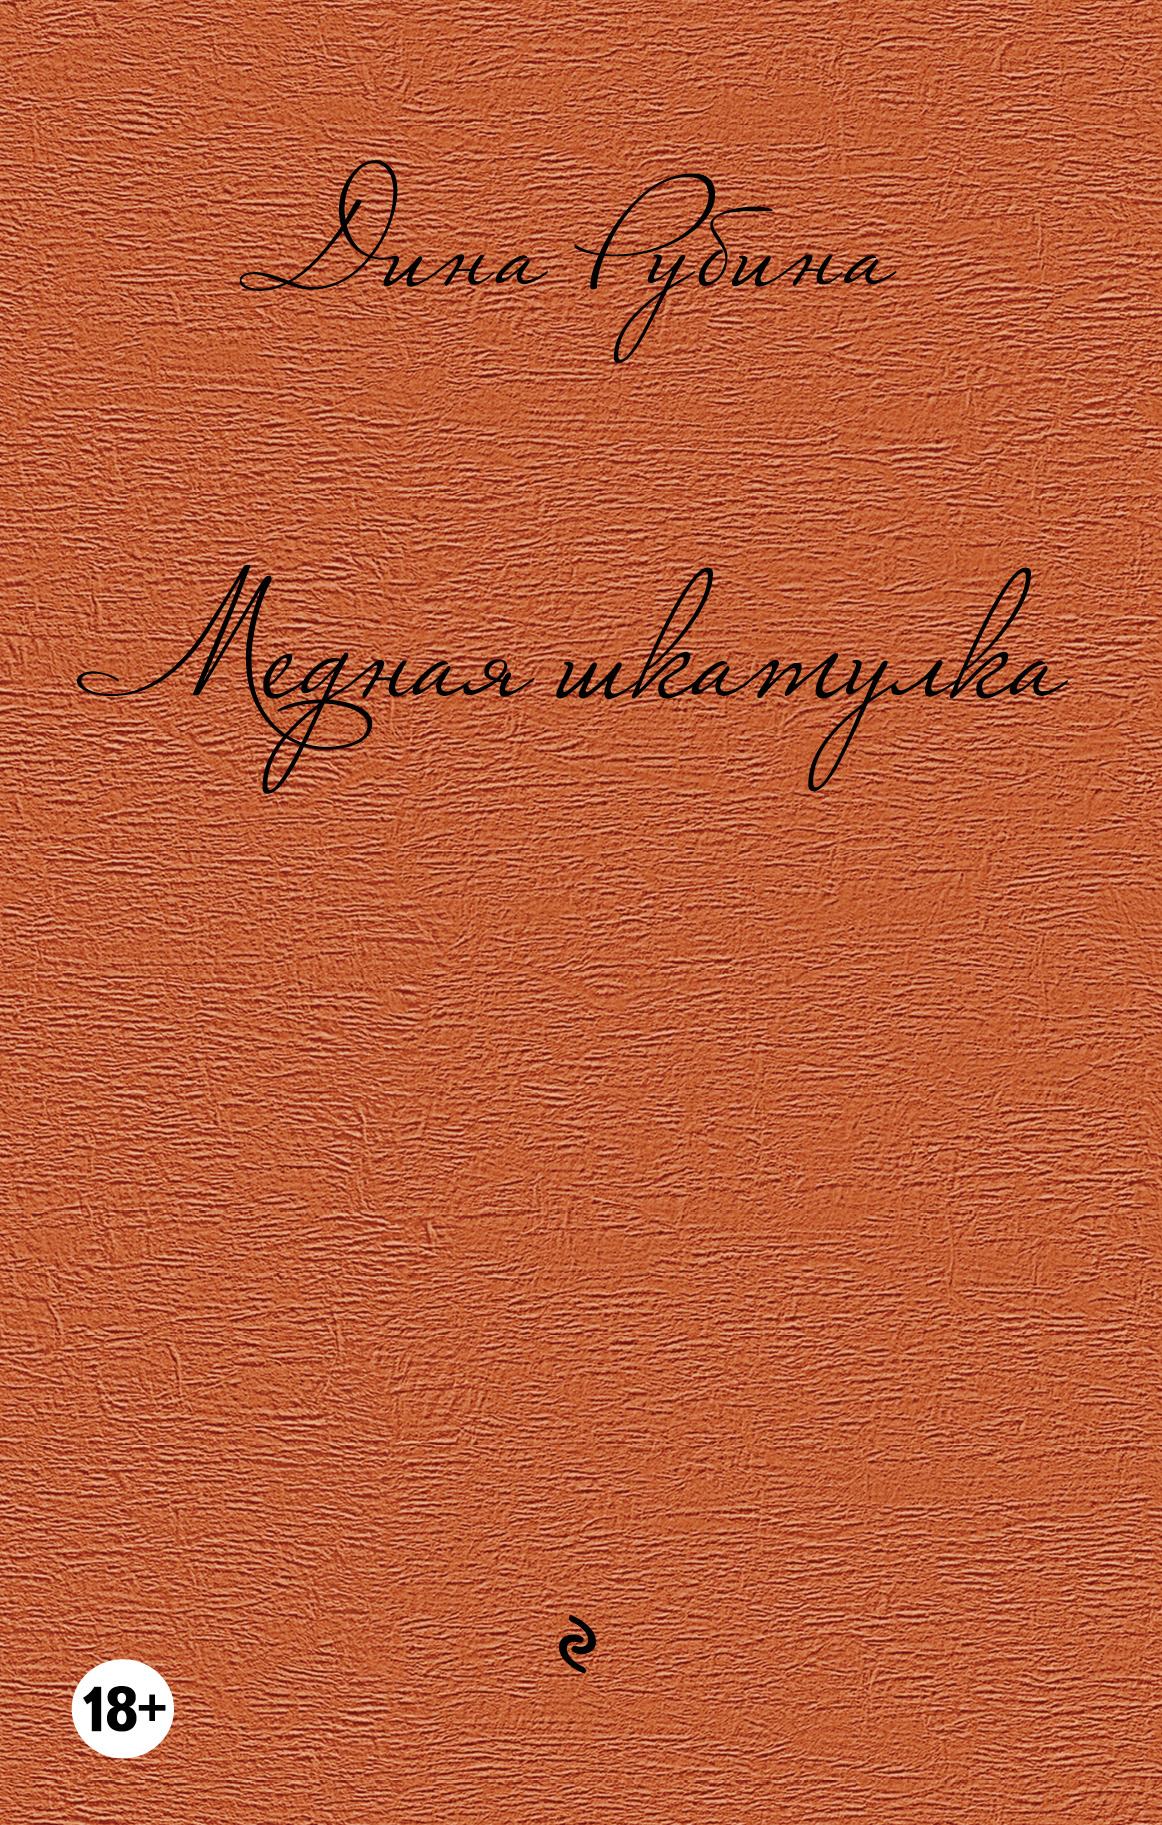 Дина Рубина Медная шкатулка (сборник) рубина дина ильинична синдикат тв